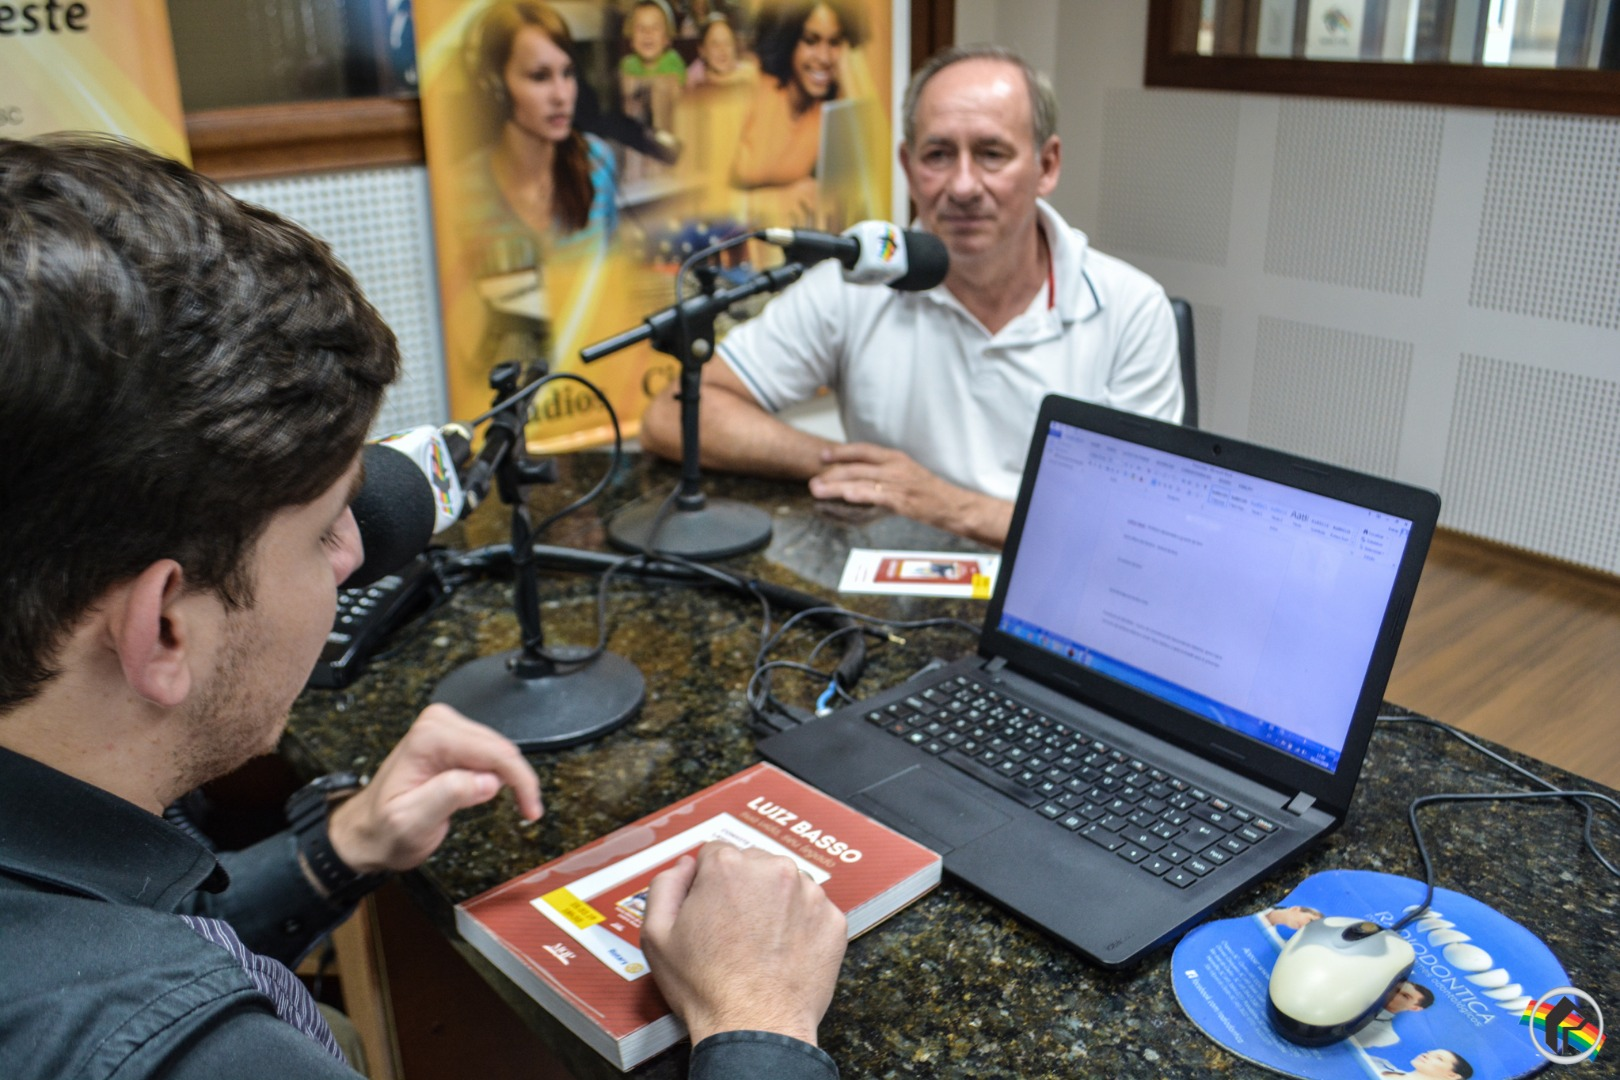 OUÇA; Livro sobre ex-prefeito será lançado na próxima semana